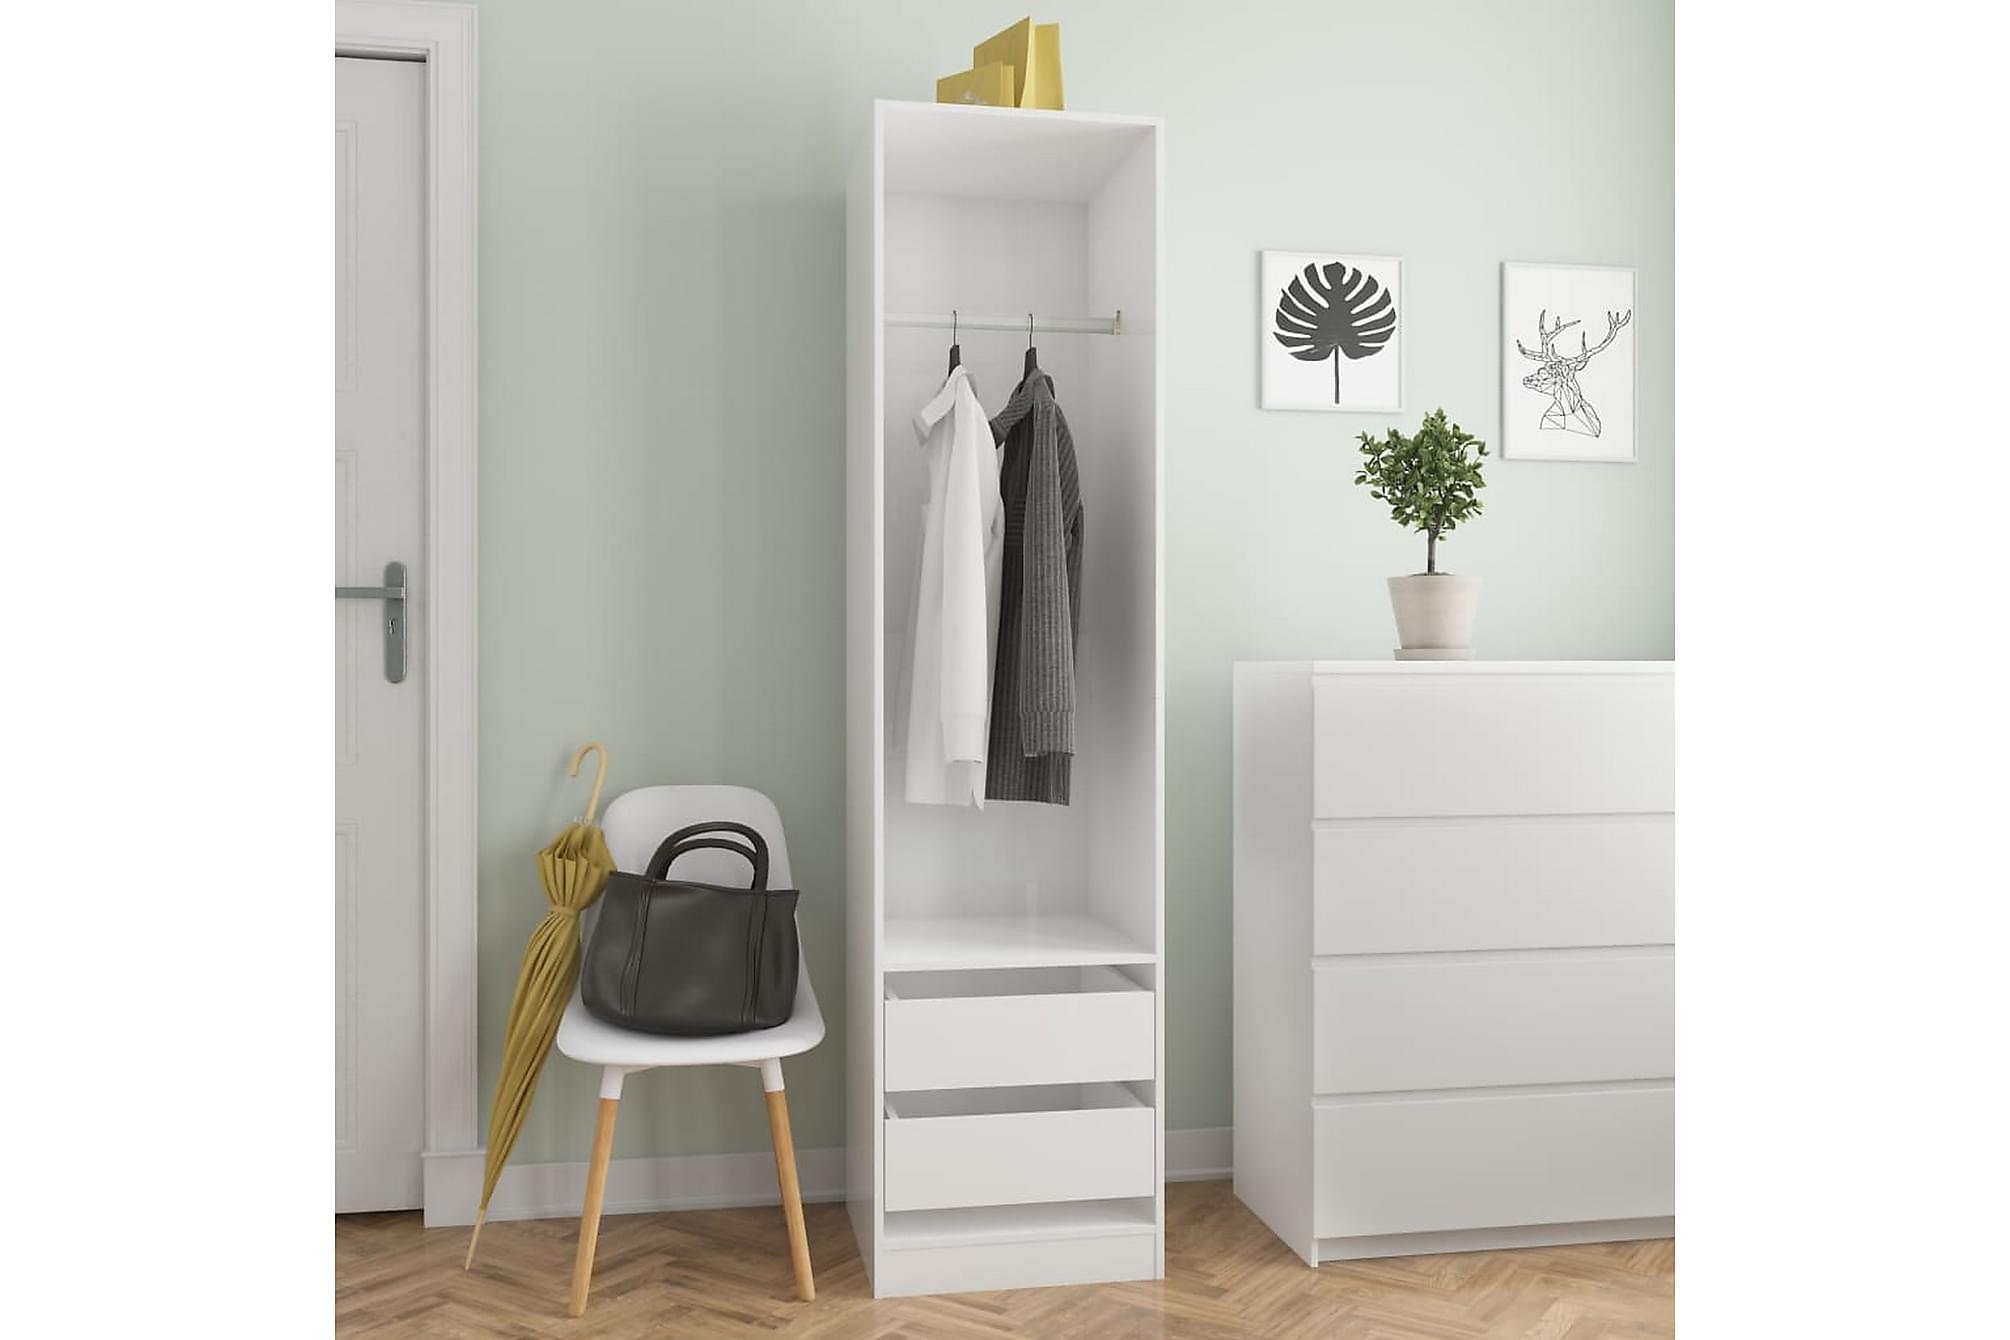 Garderob med lådor vit högglans 50x50x200 cm spånskiva